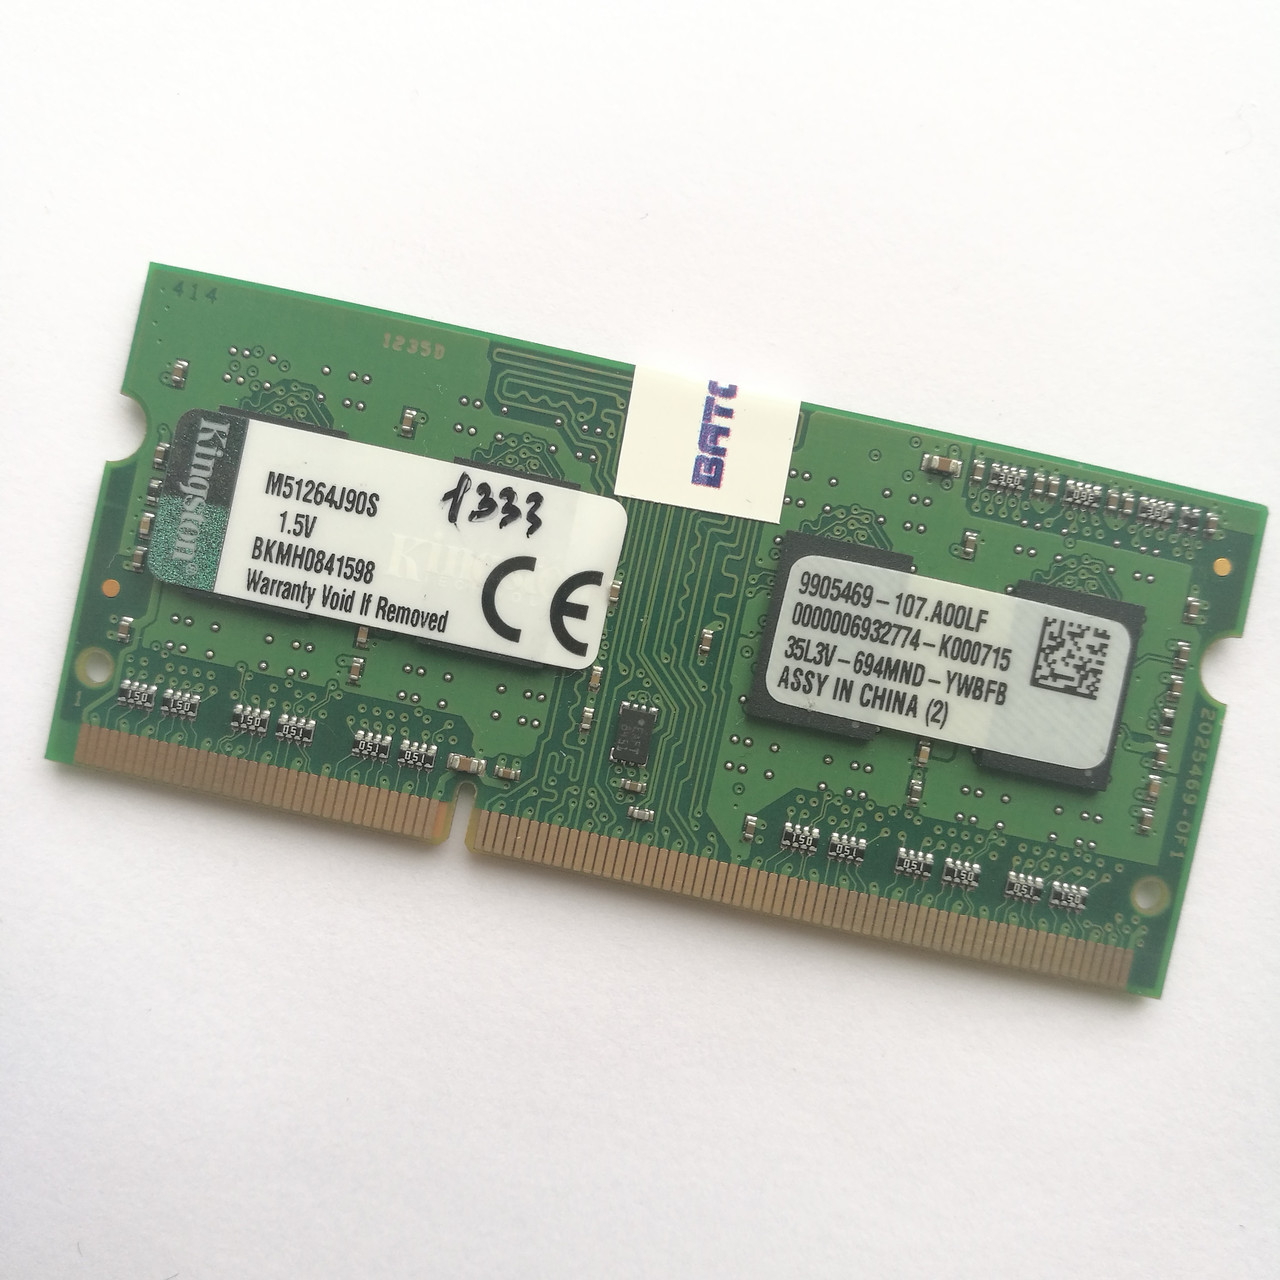 Оперативная память для ноутбука Kingston SODIMM DDR3 4Gb 1333MHz 10600s CL9 (M51264J90S) Б/У